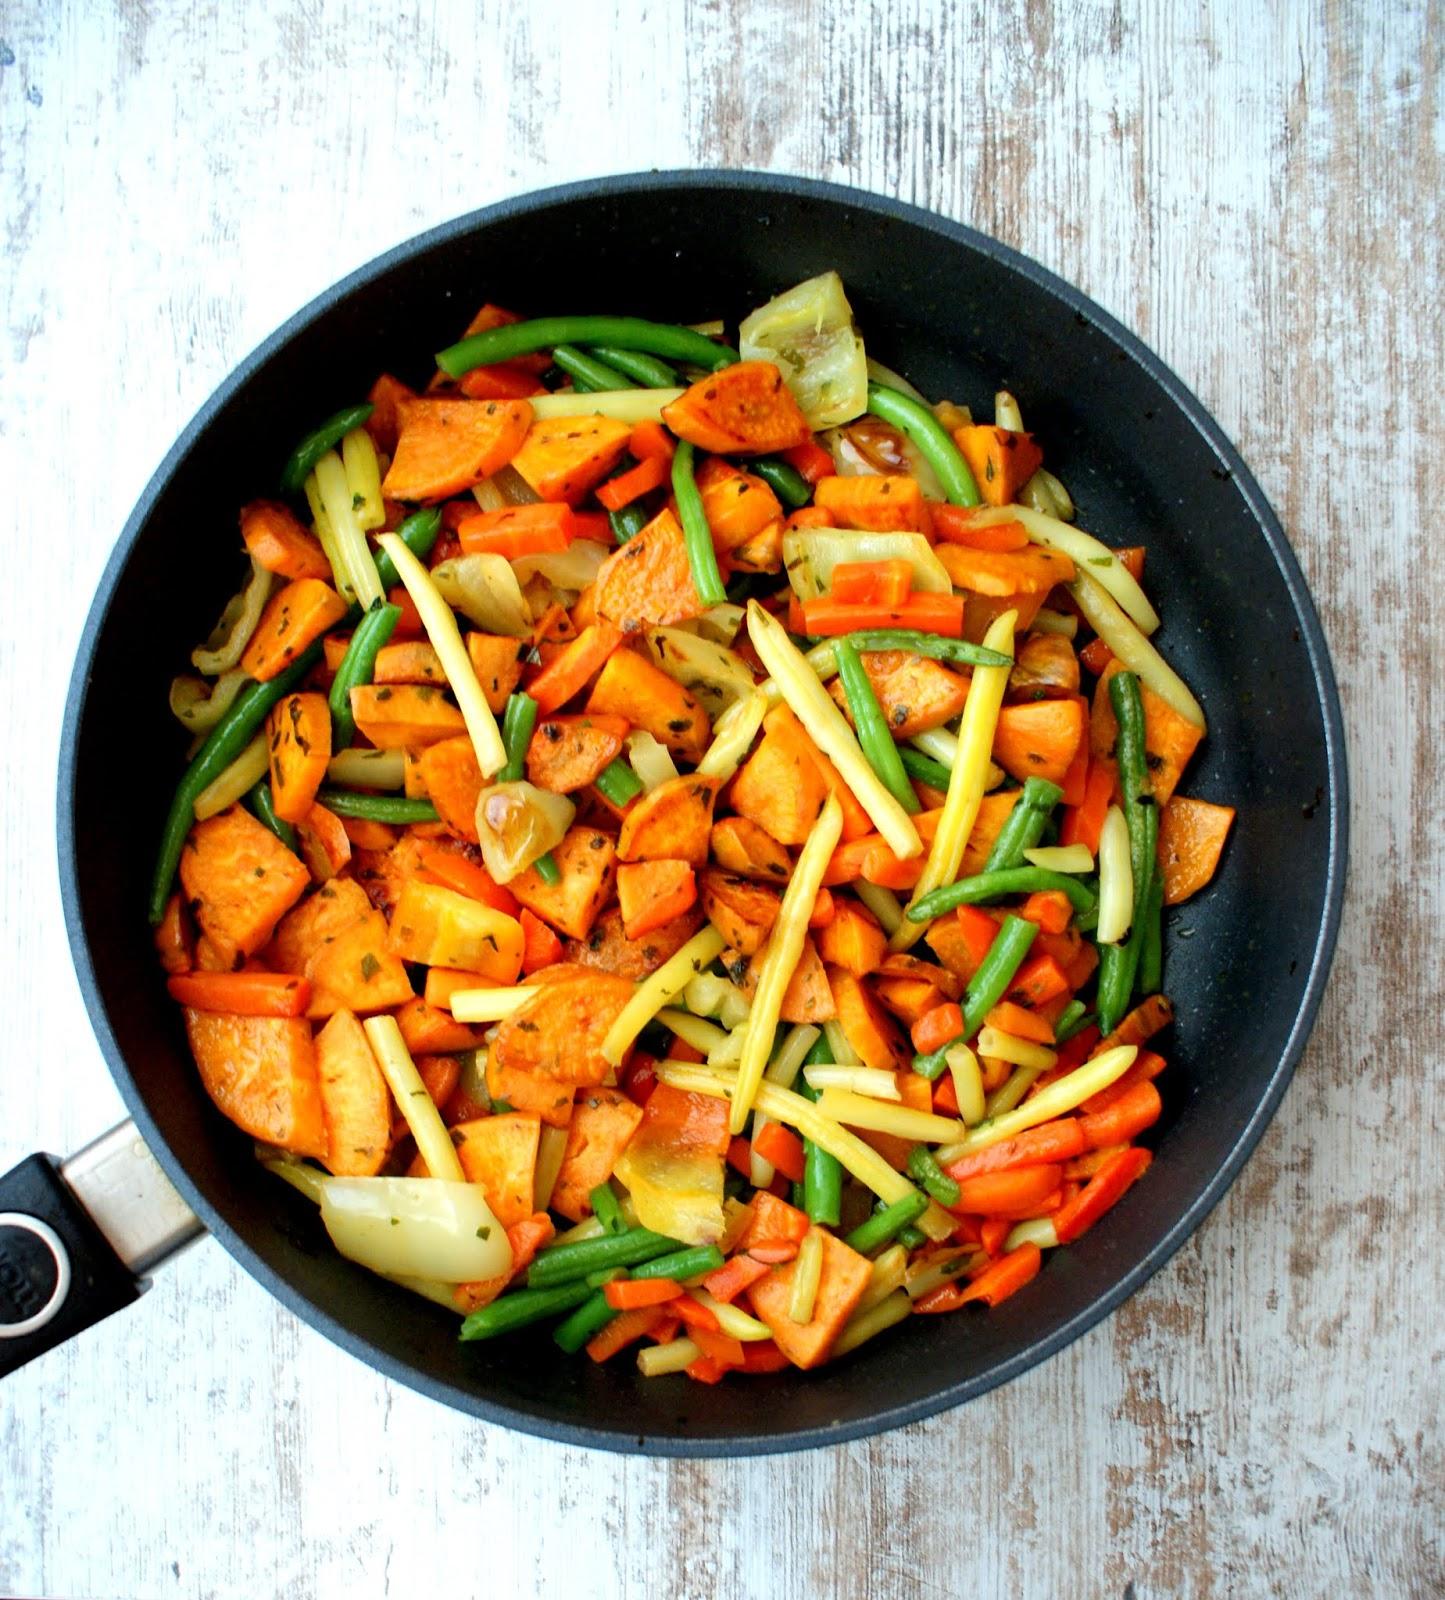 Z Kuchni Do Kuchni Pieczone Bataty Z Warzywami Na Parze